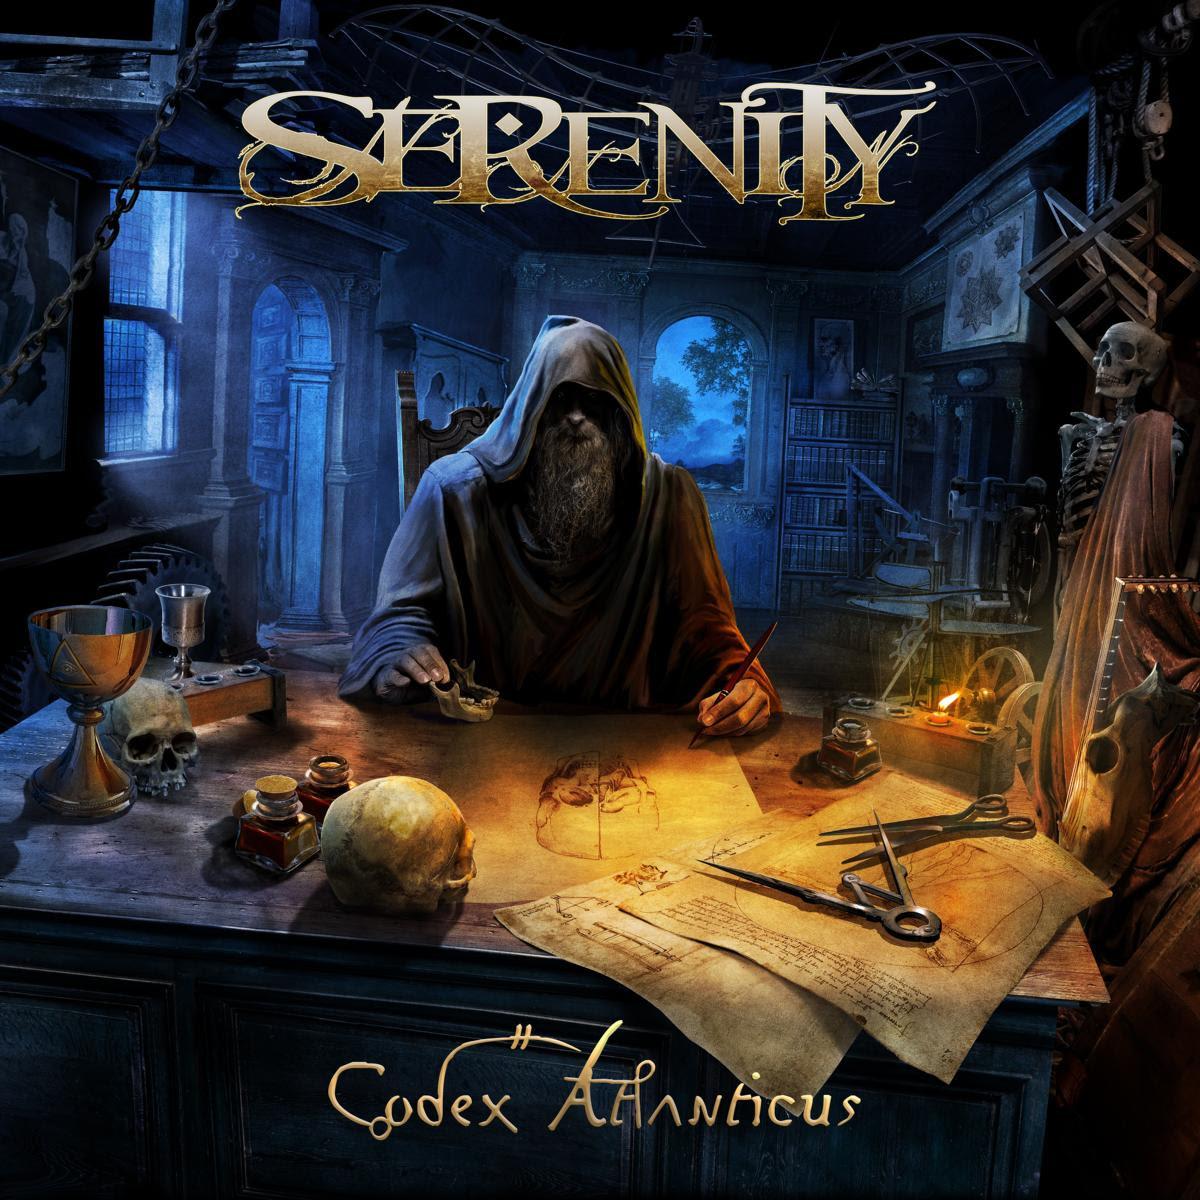 Serenity: Codex Atlanticus